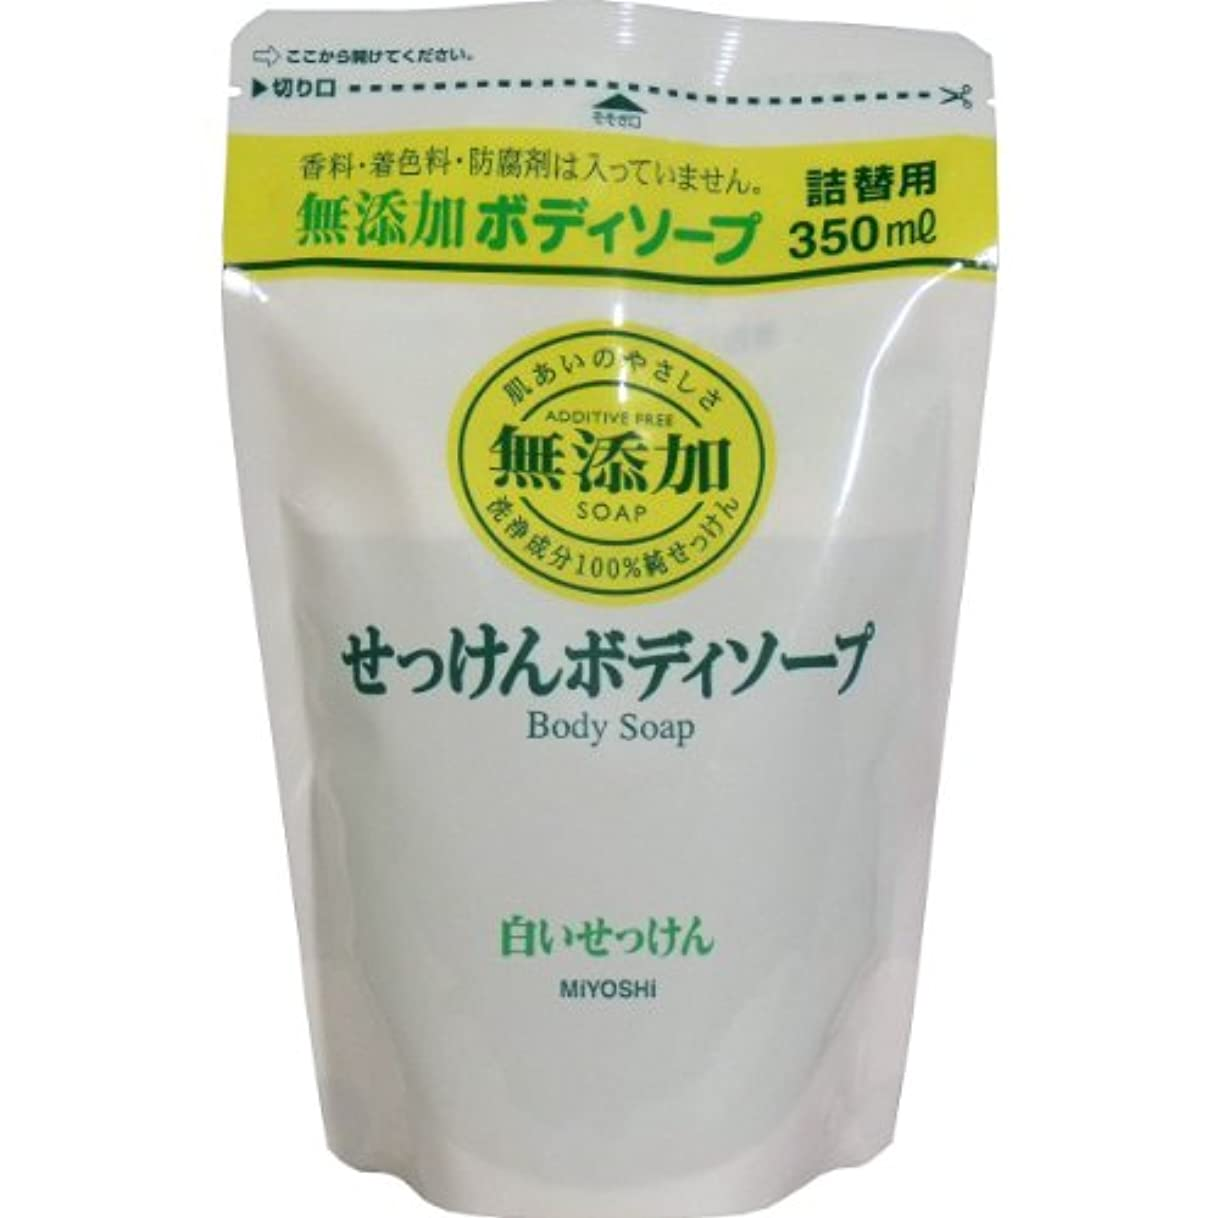 工業用お別れに応じてミヨシ石鹸 無添加 ボディソープ 白い石けん つめかえ用 350ml×20個セット(無添加石鹸)